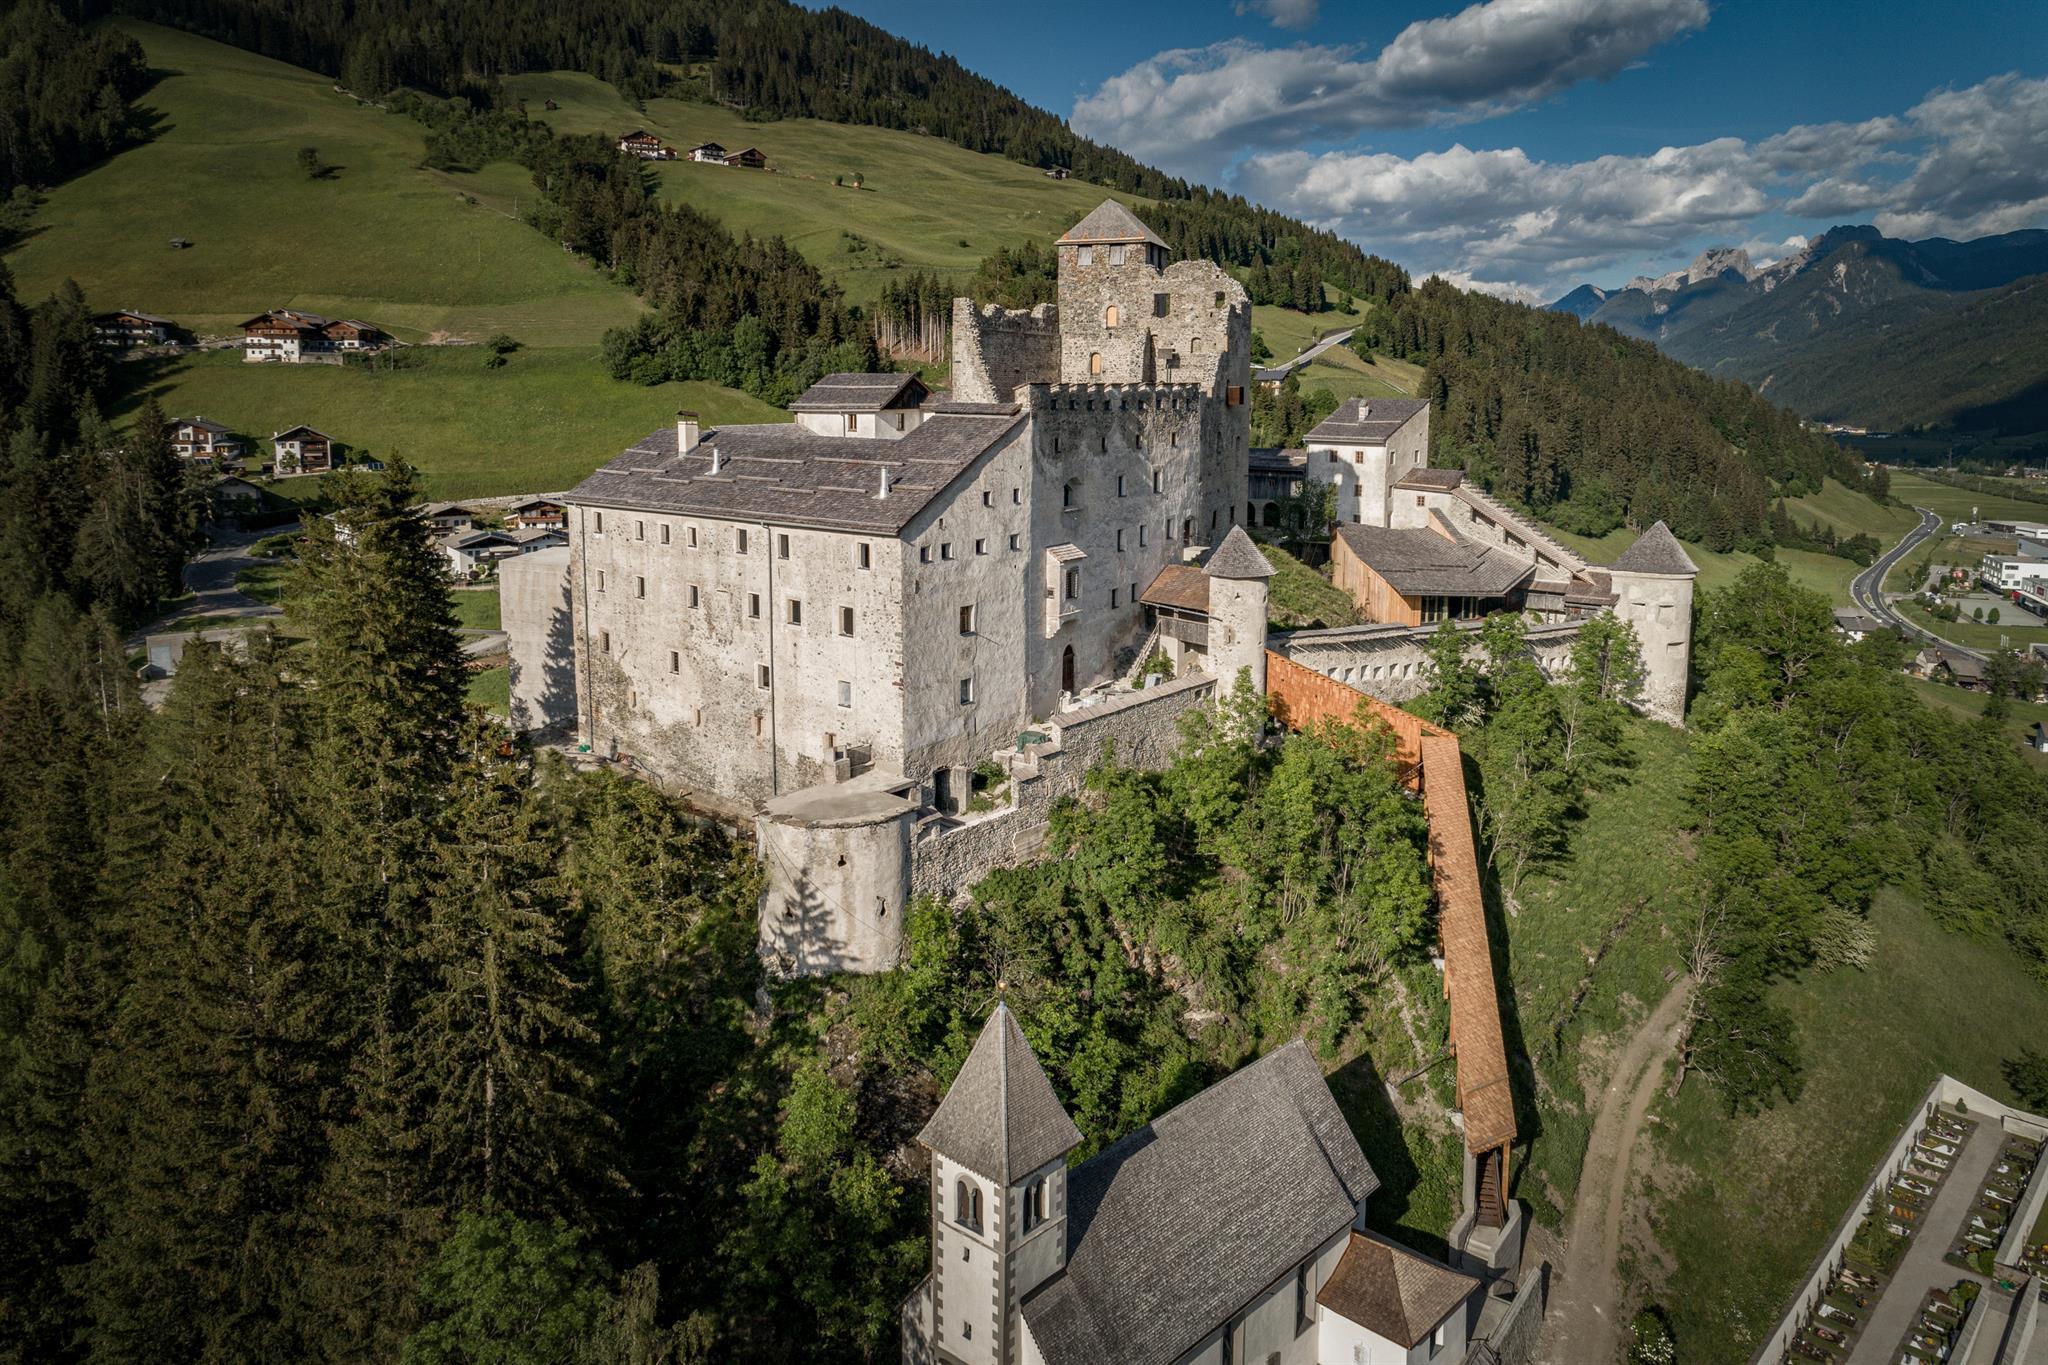 Burg-Heinfels-2020.jpg